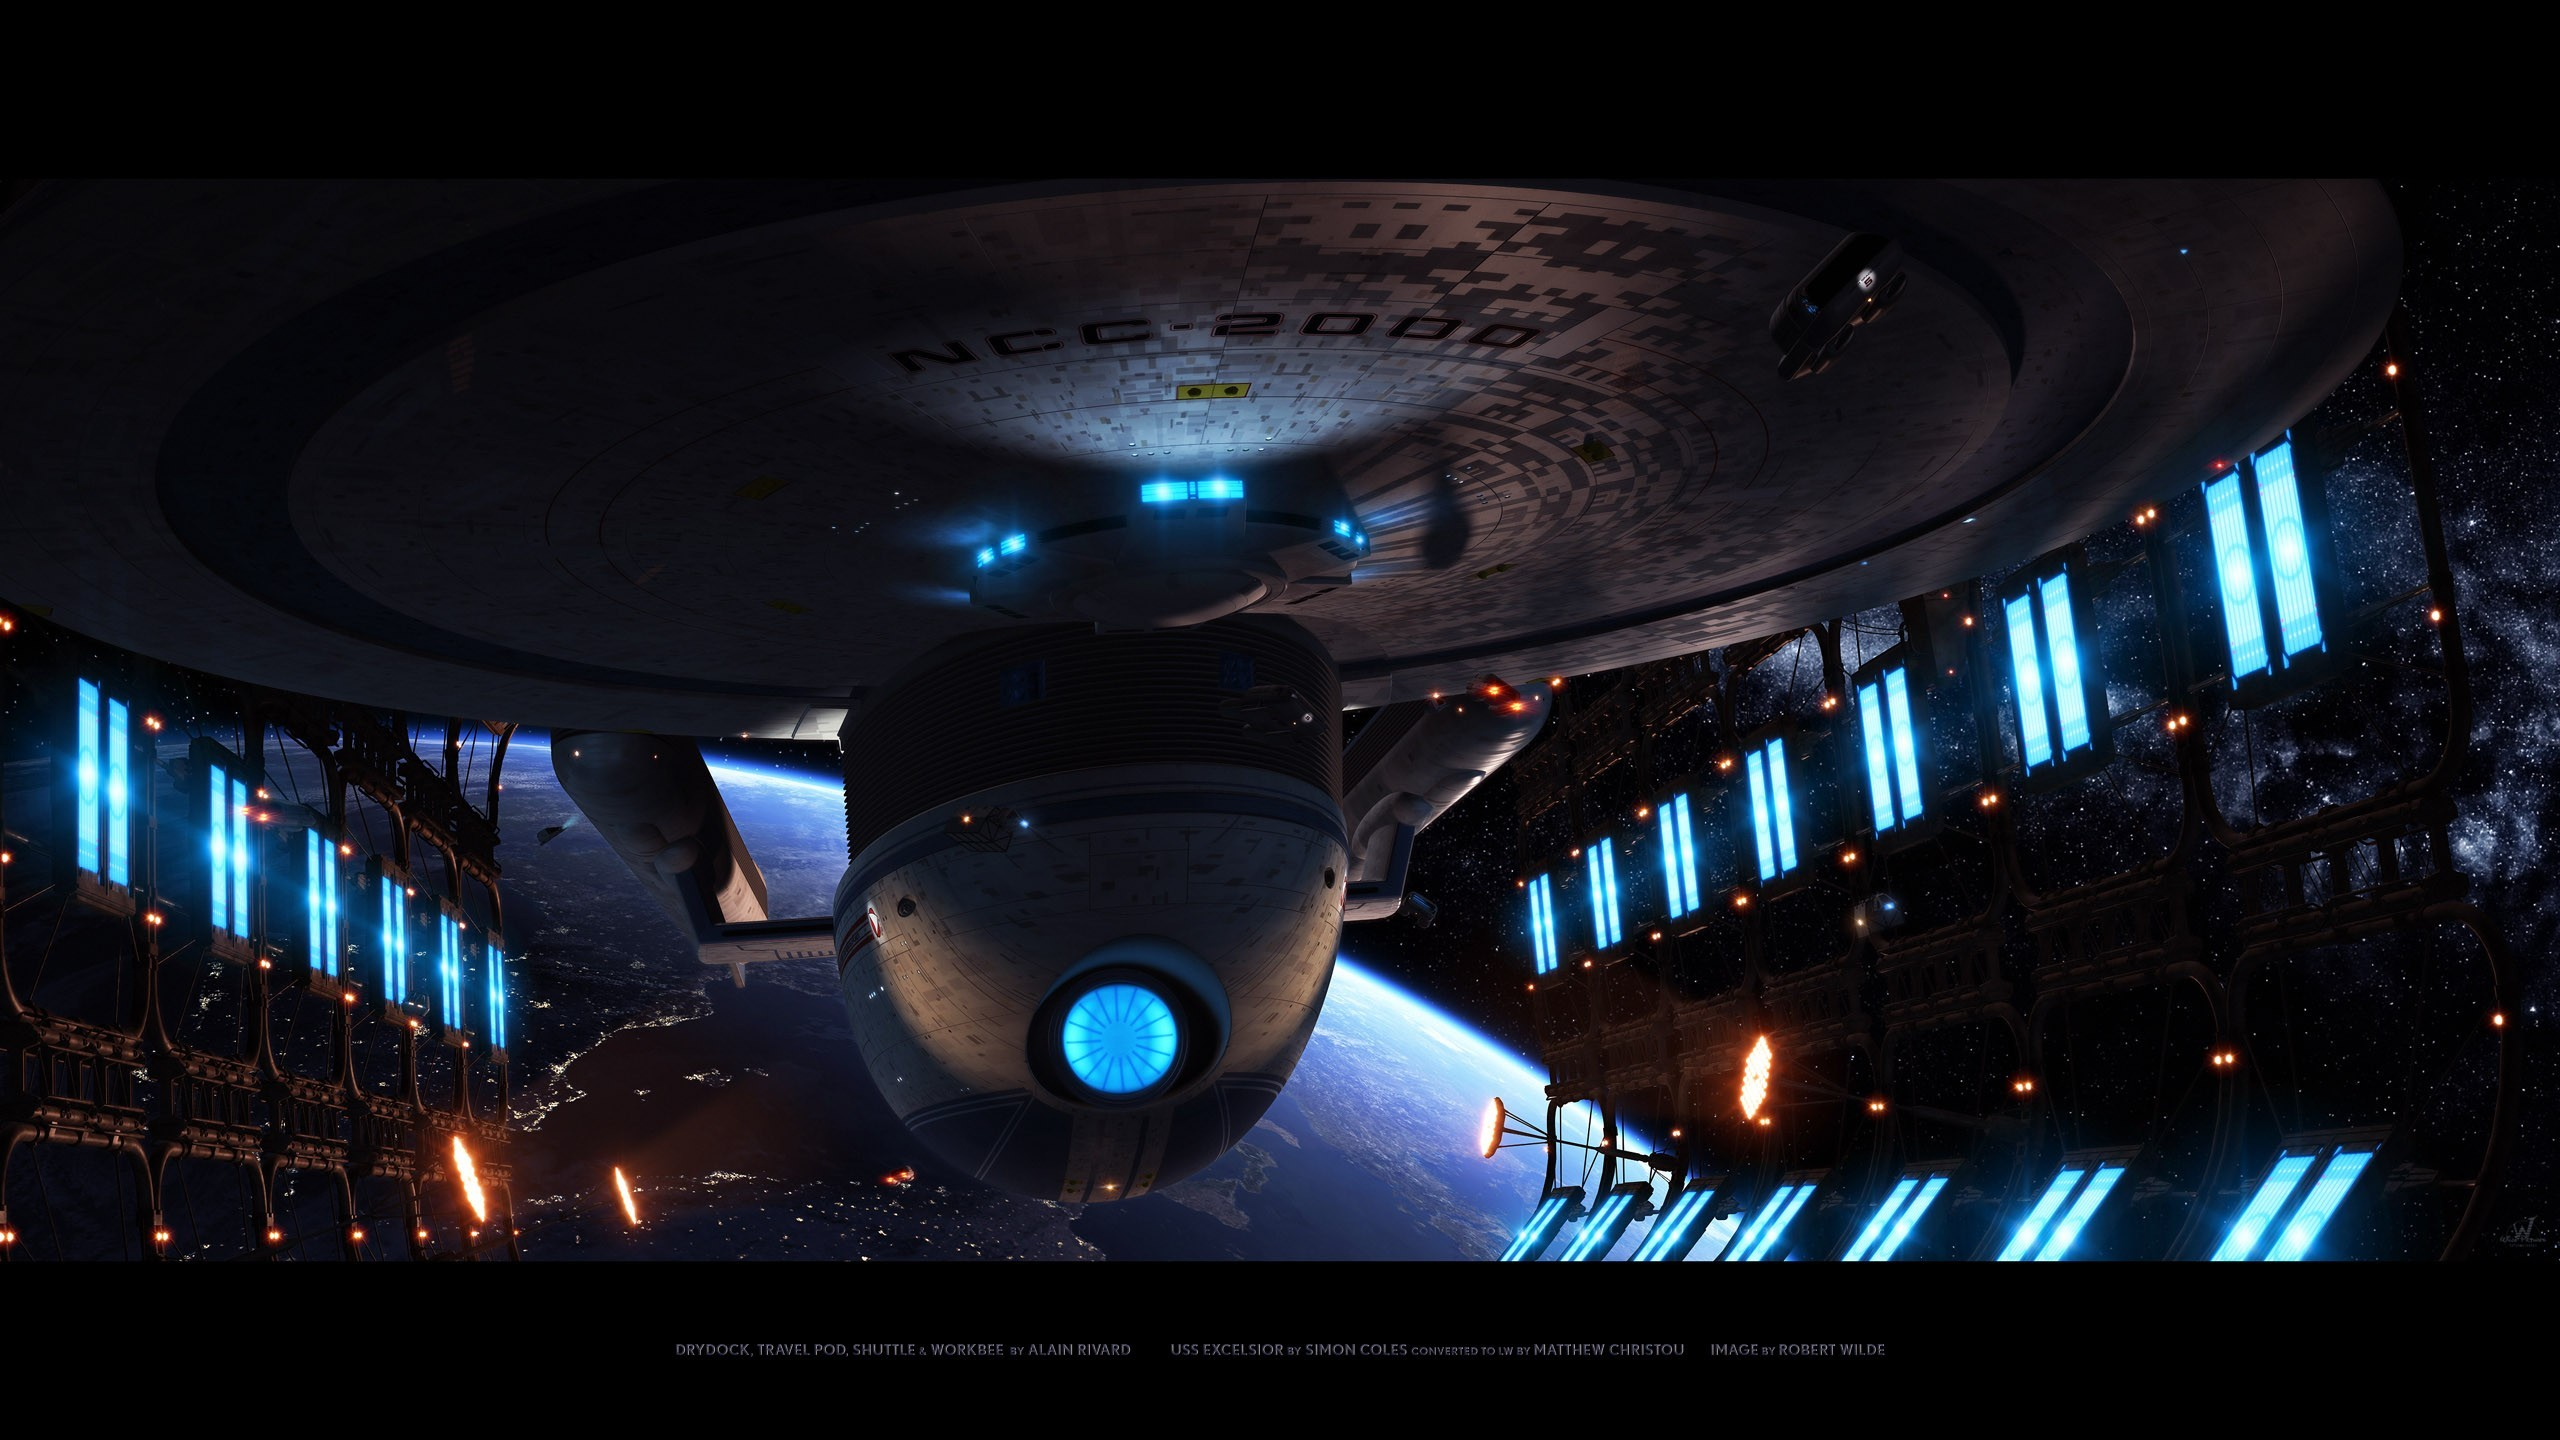 Star Trek Wallpaper Star, Trek, Enterprise, Uss, Excelsior